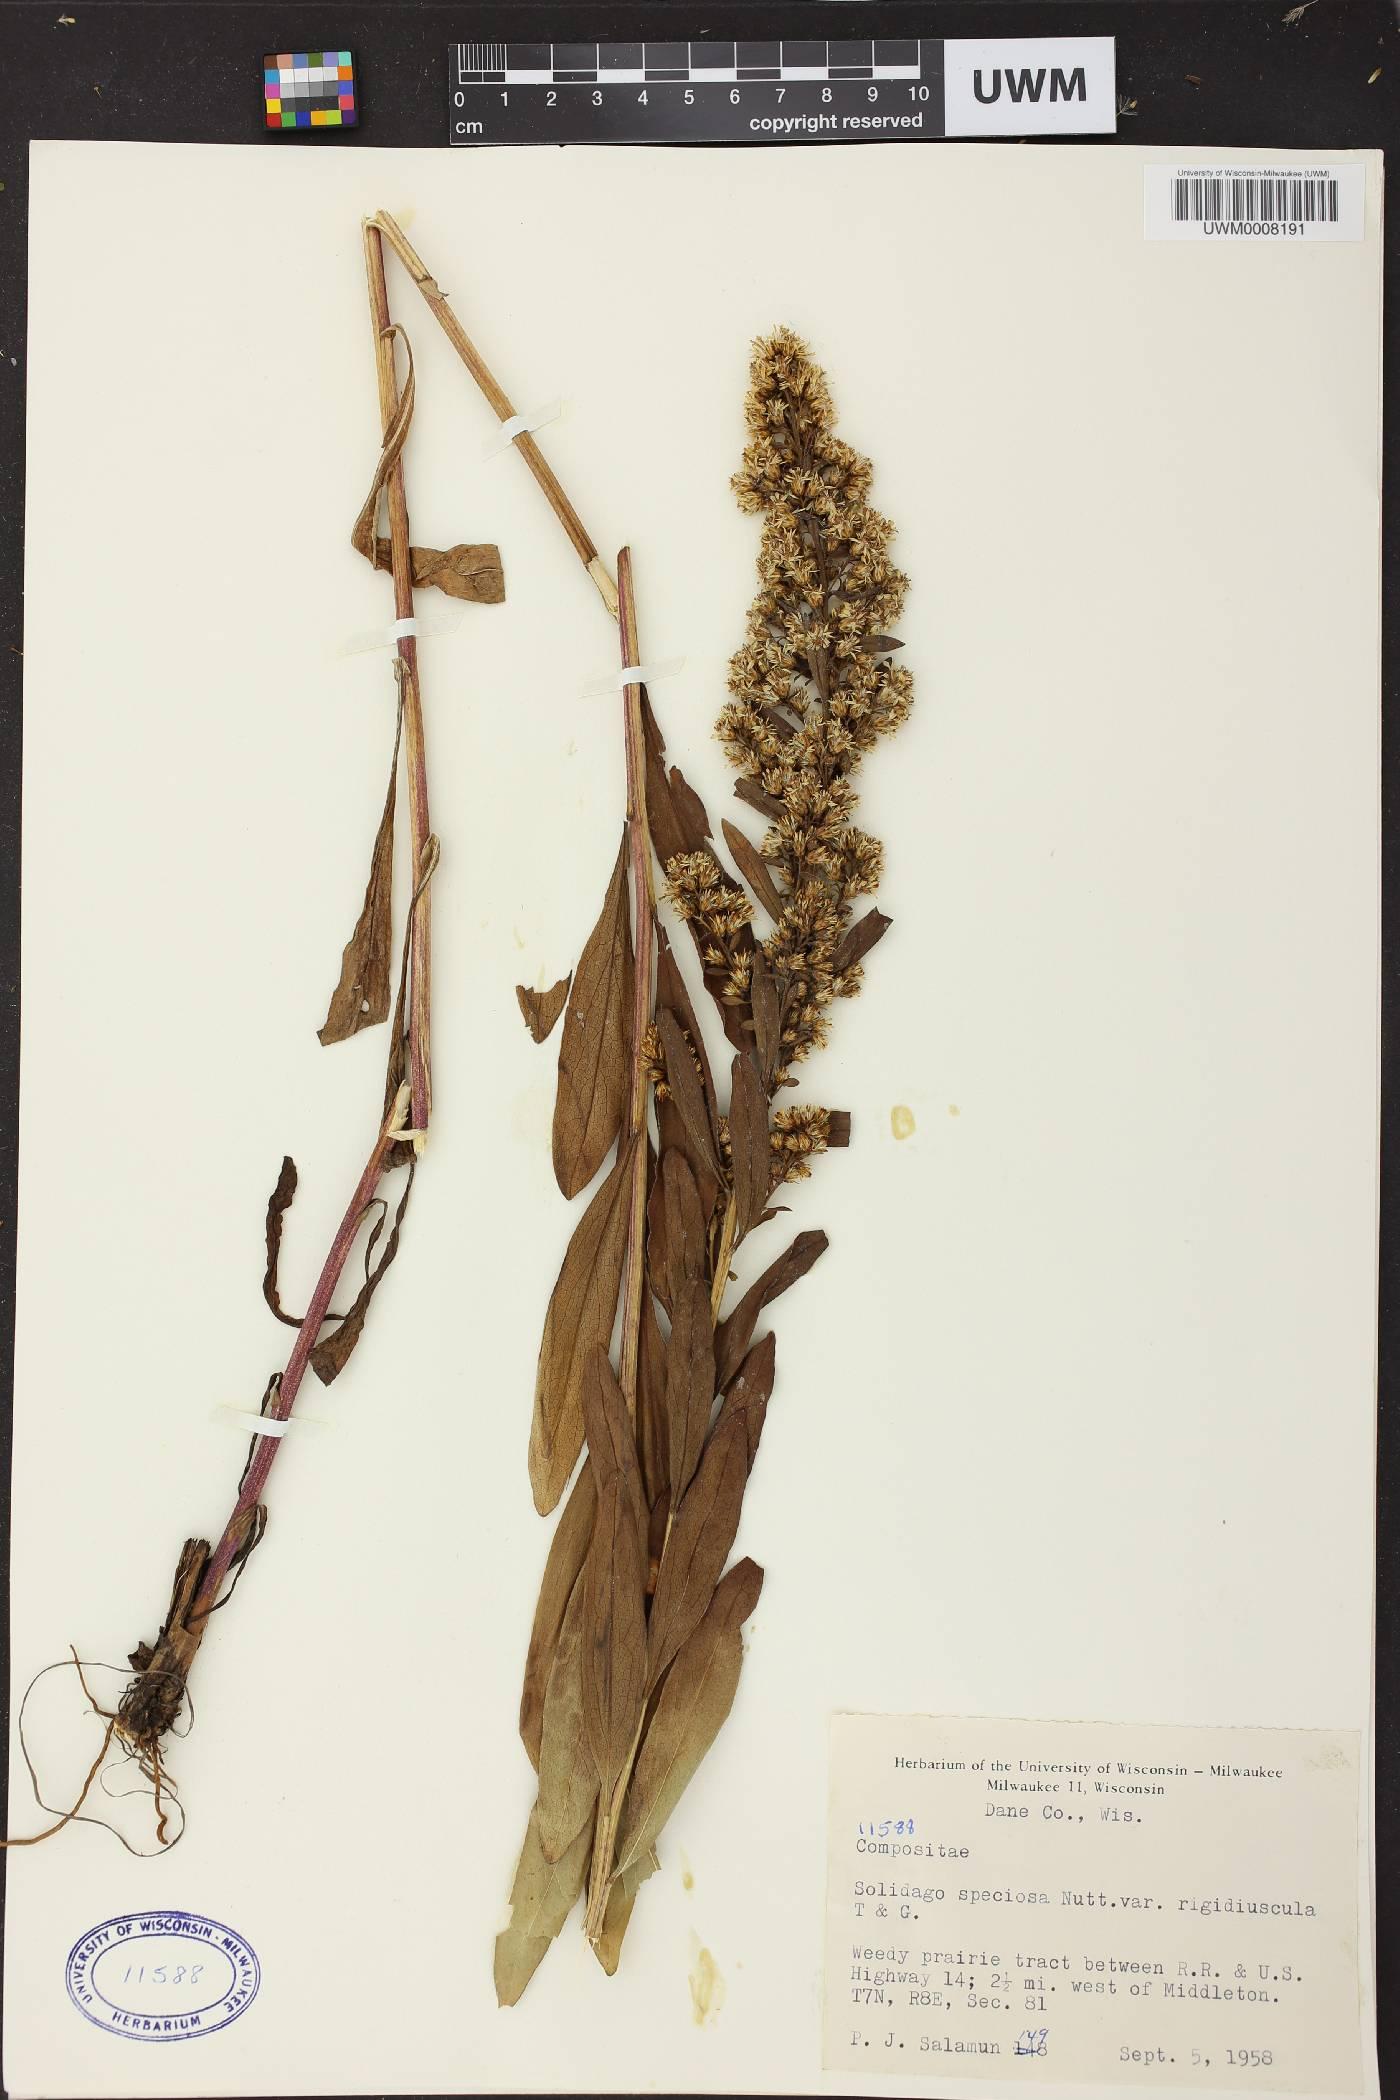 Solidago speciosa subsp. speciosa var. rigidiuscula image